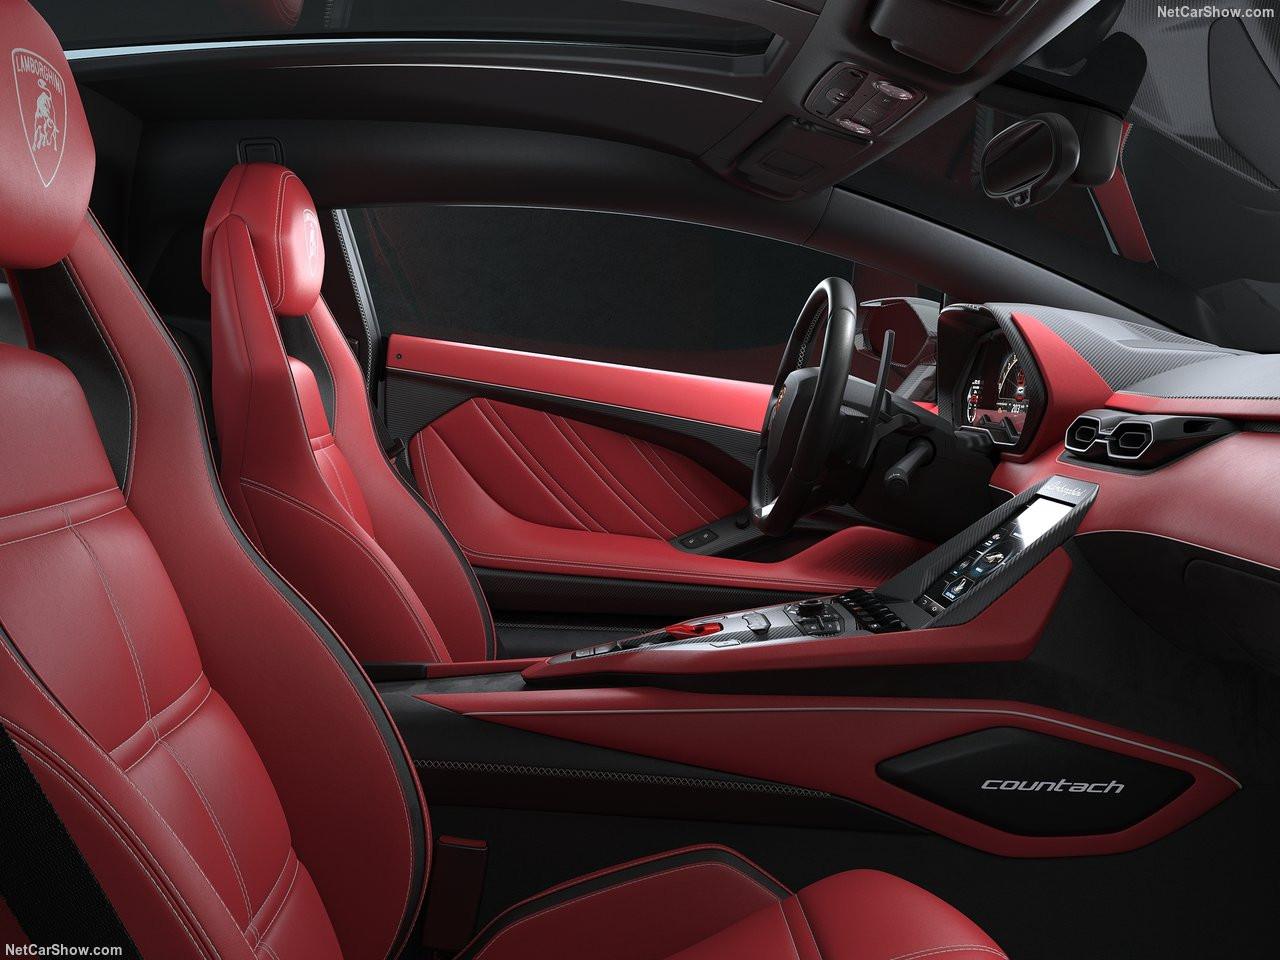 Lamborghini-Countach_LPI_800-4-2022-1280-2a.jpg